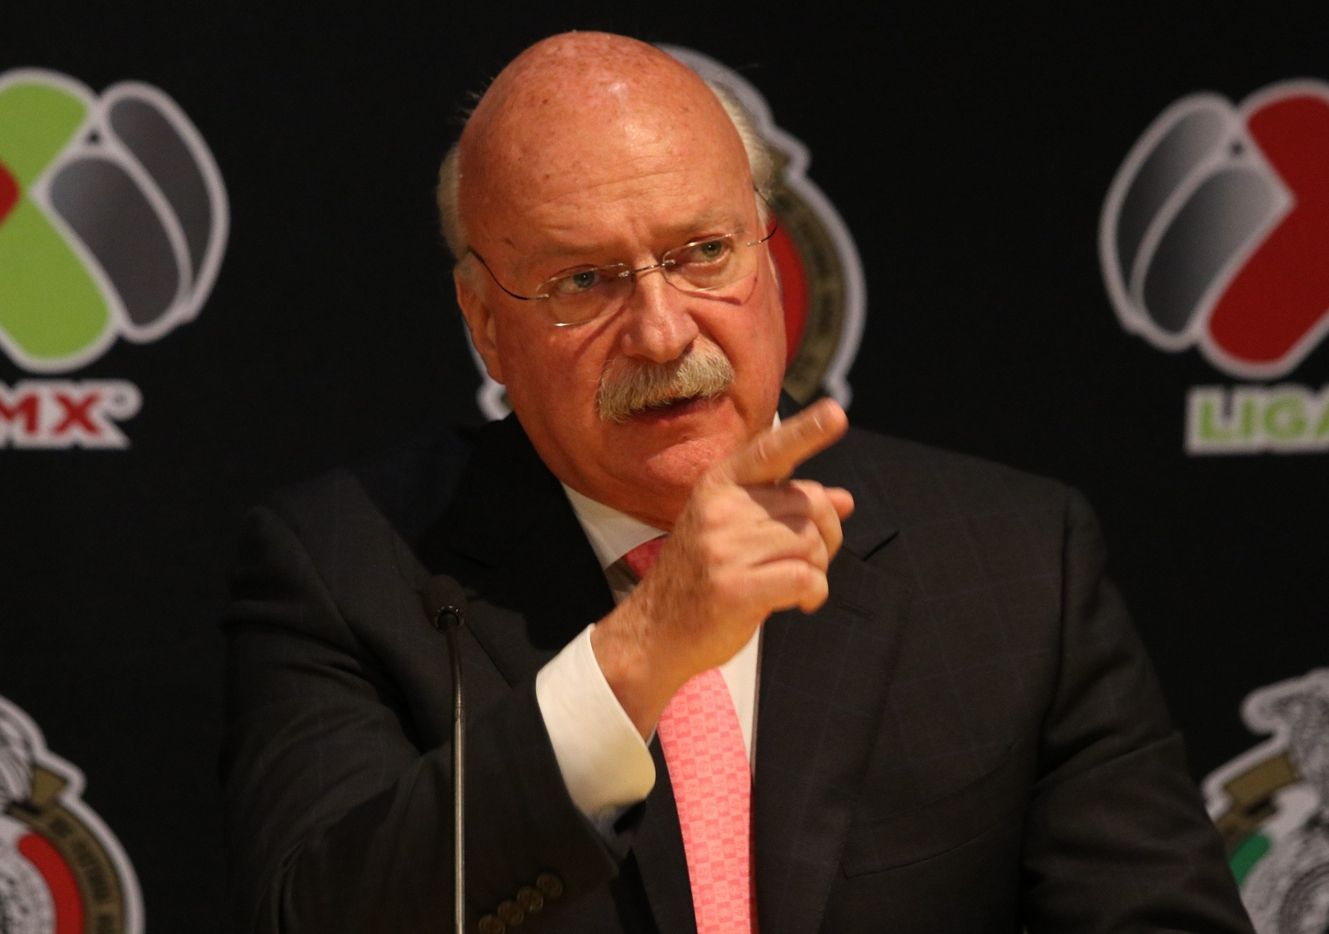 El expresidente de la Liga MX, Enrique Bonilla, es señalado de extorsión por el entrenador Hugo Fernández.